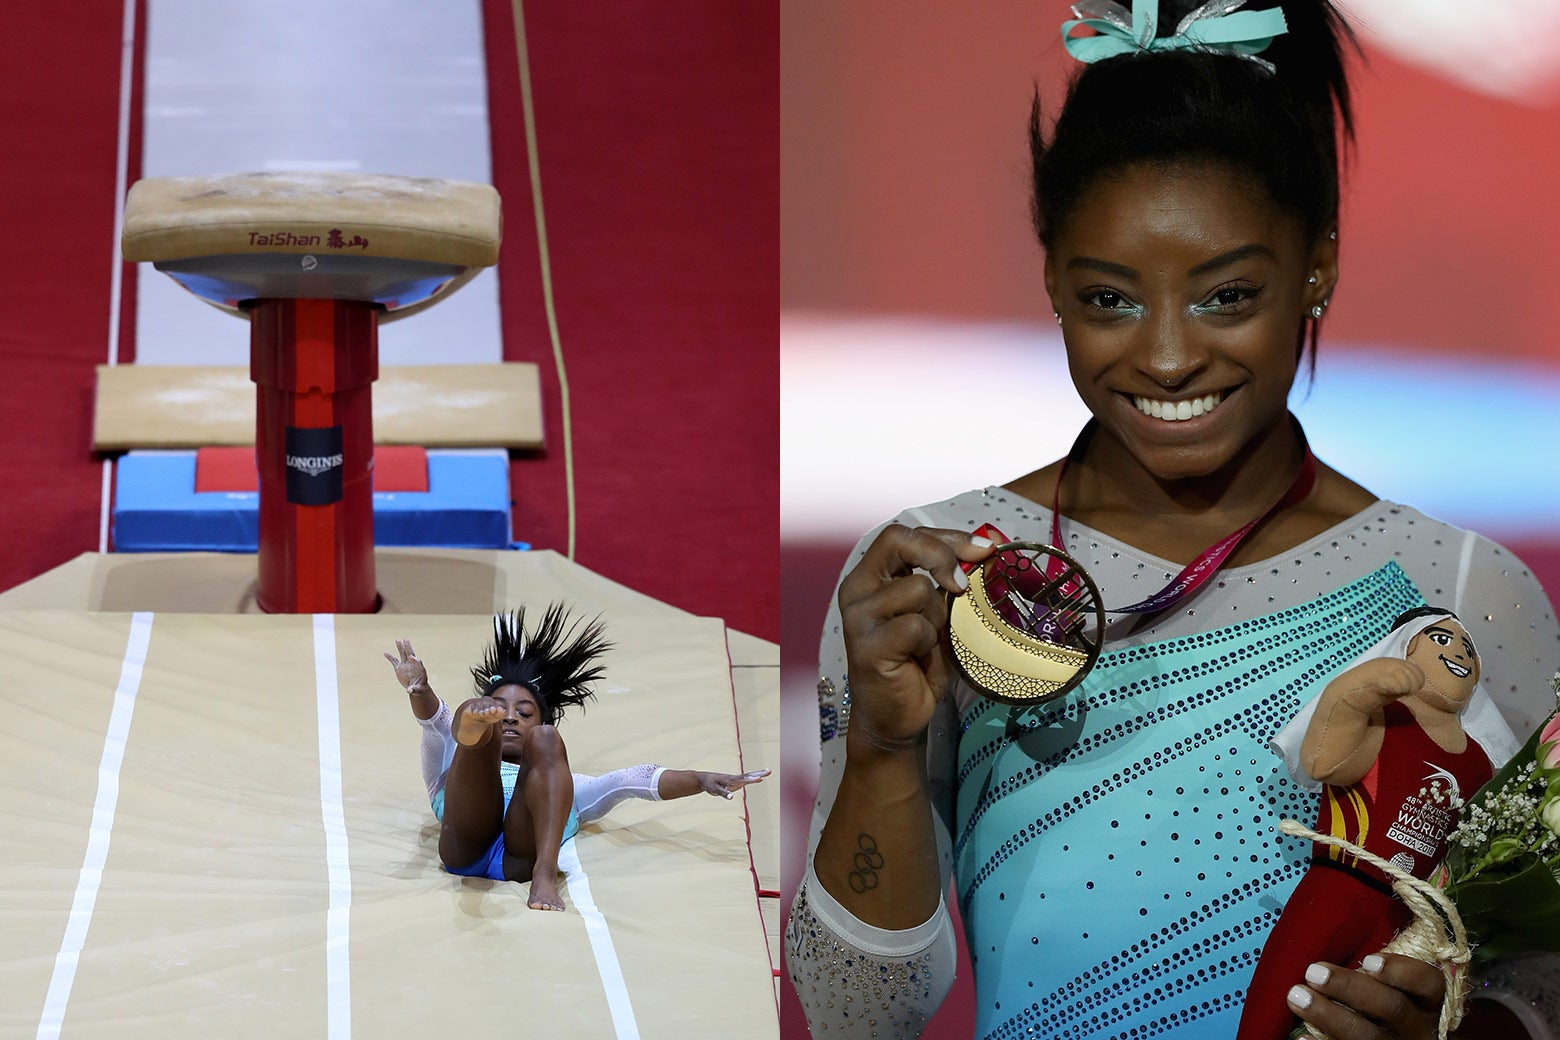 Simone Biles falling, Biles holding her gold medal